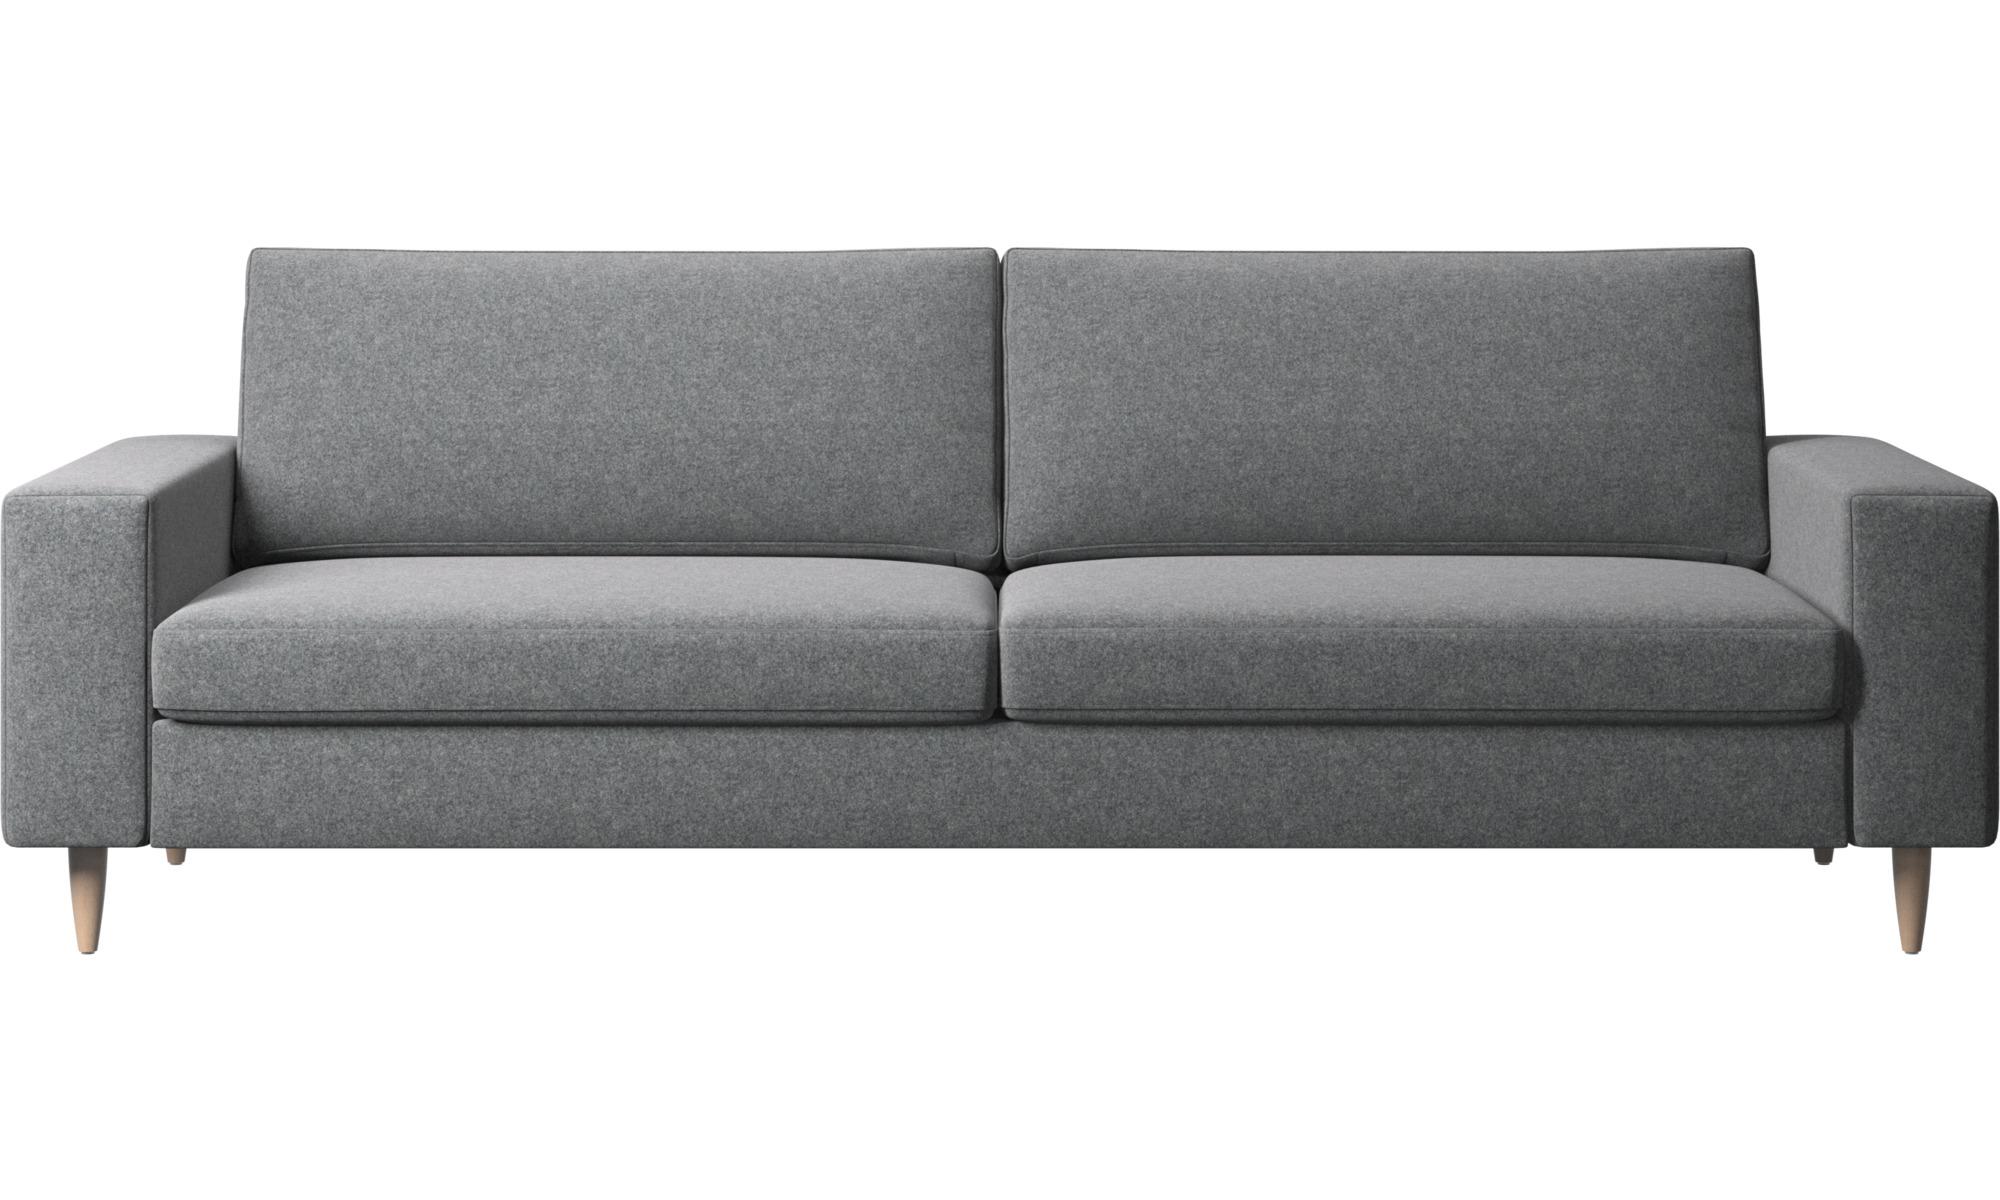 3 Seater Sofas Indivi Sofa Boconcept